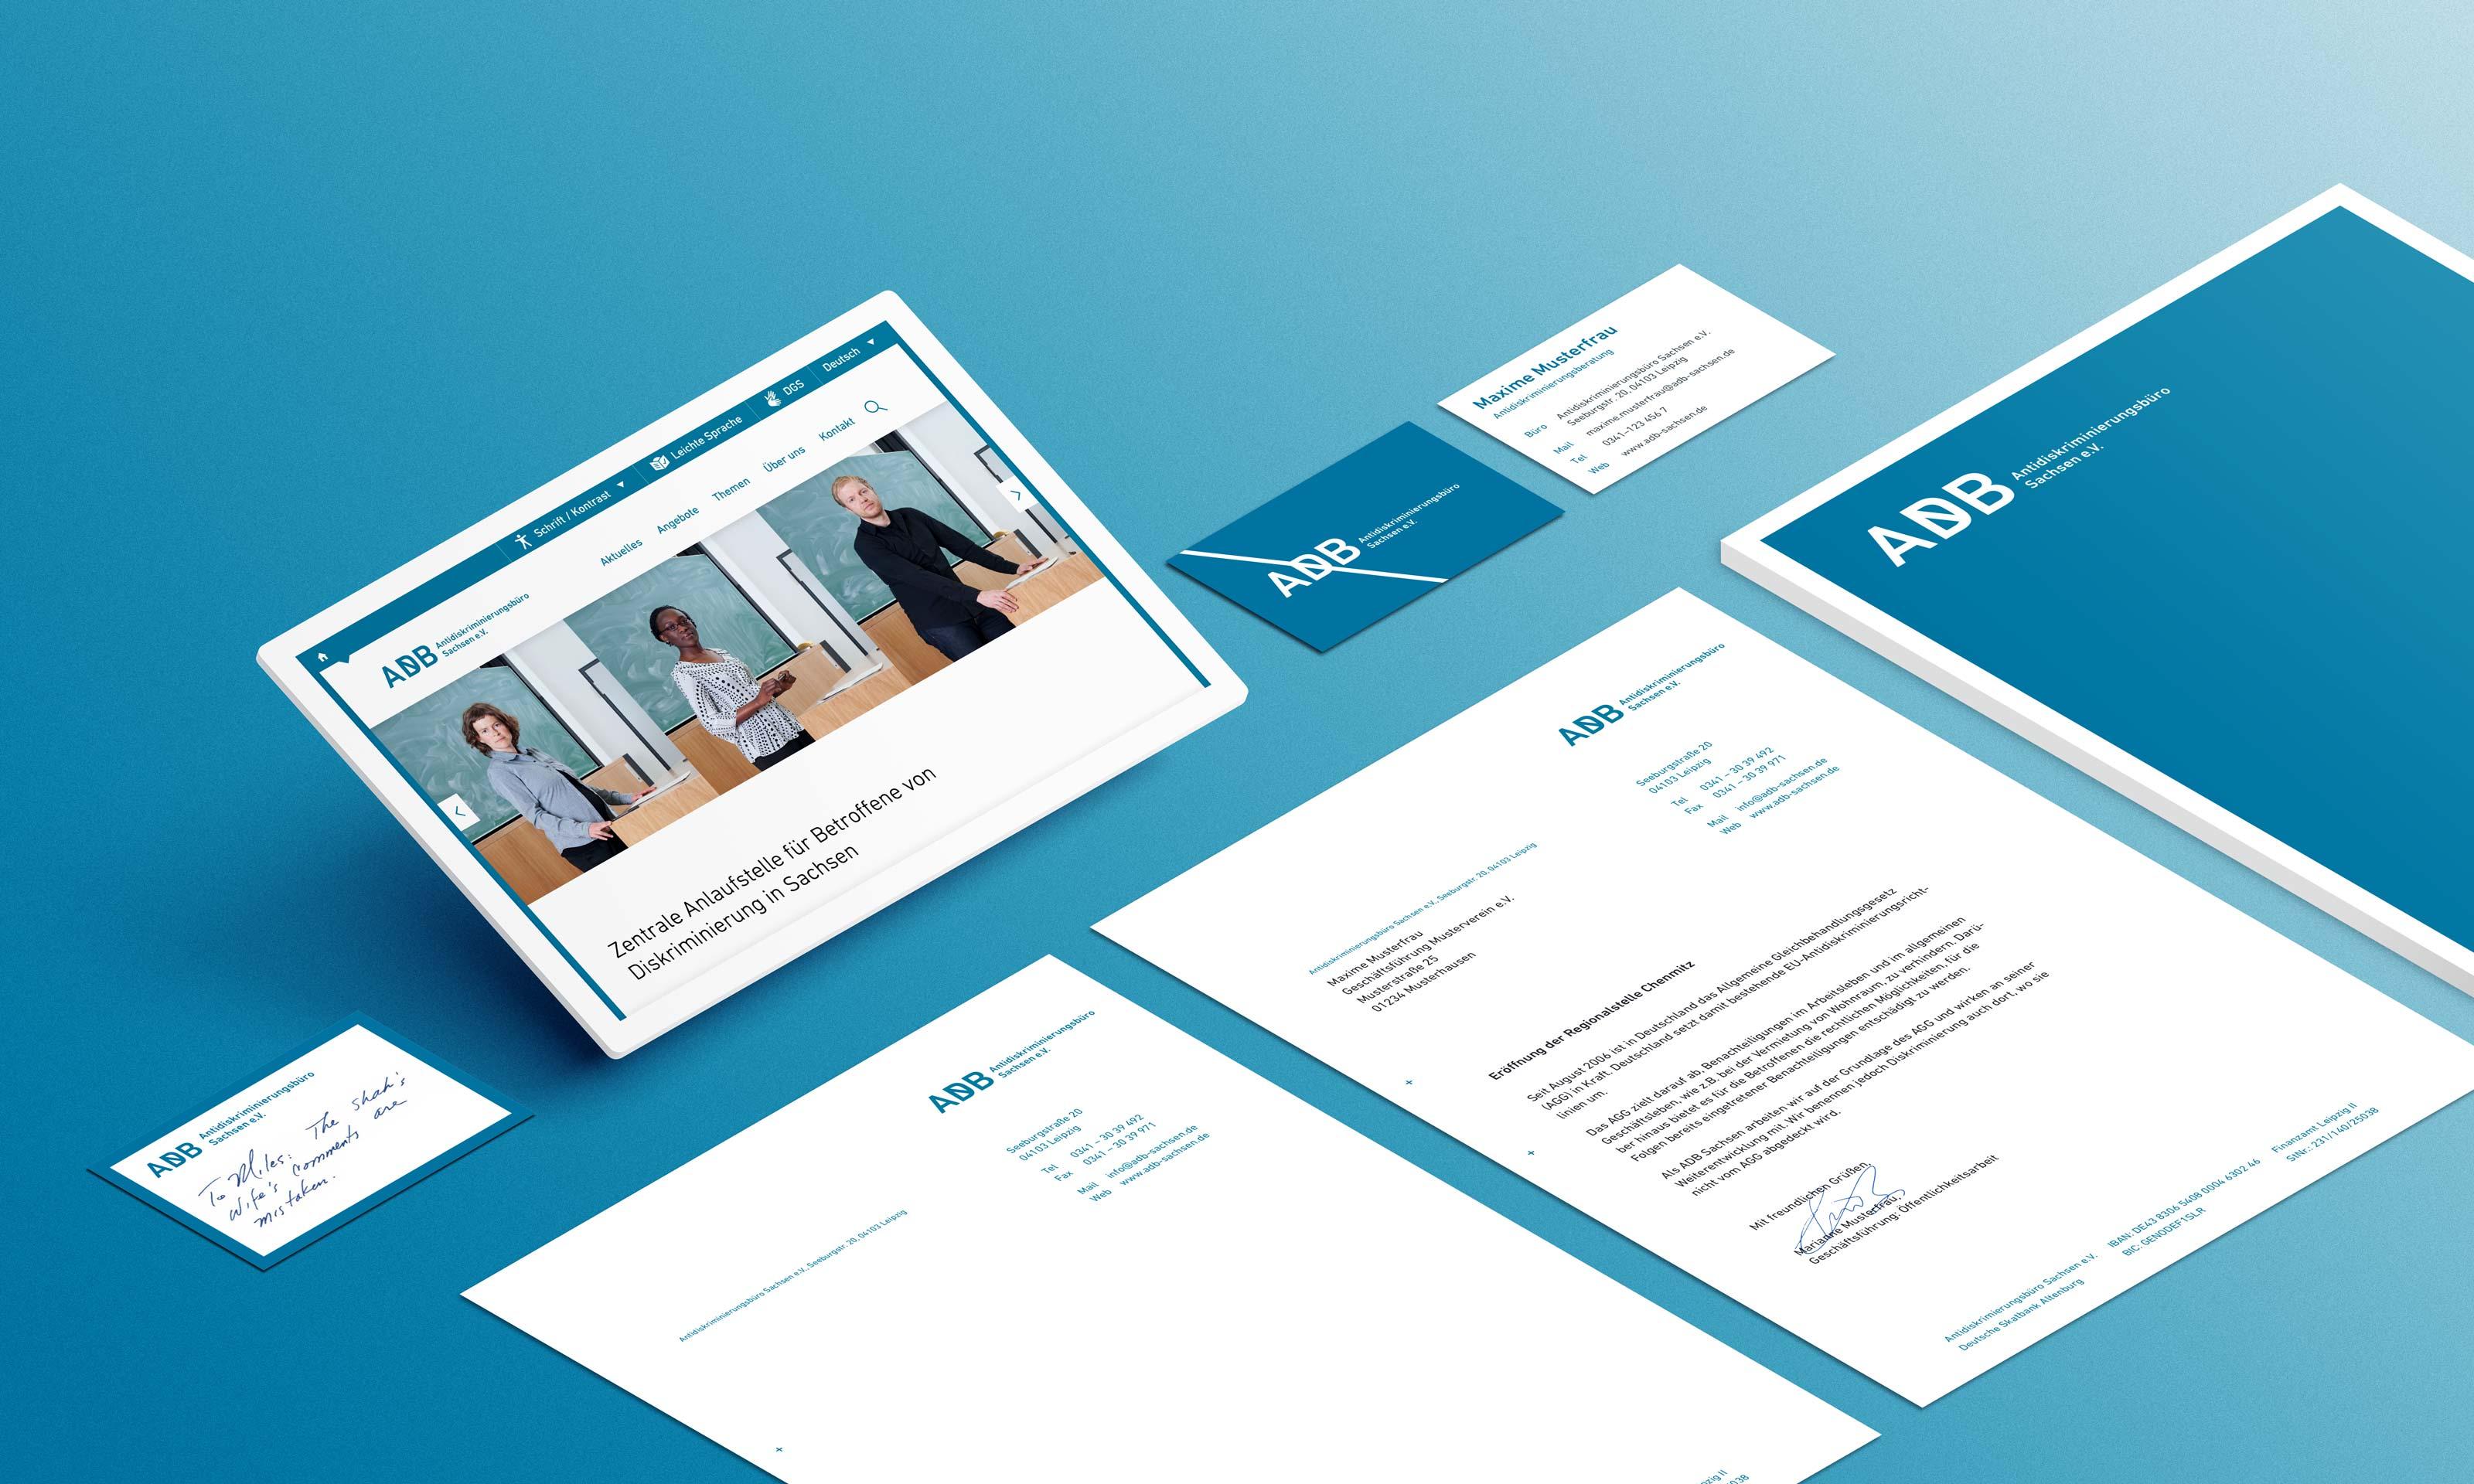 Musterbriefbögen - und -visitenkarten sowie ein Tablet mit der neuen Website des ADB-Sachsen auf türkisblauem Hintergrund